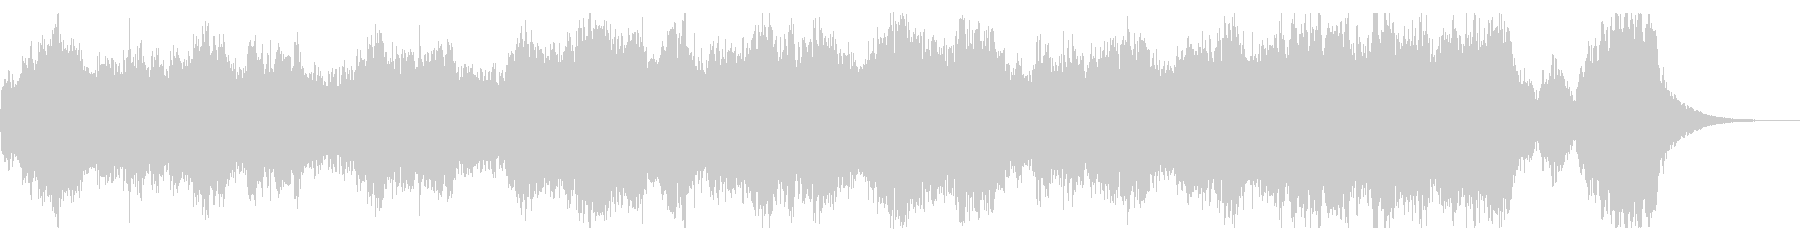 ファンタジーな短めなオーケストラBGM の未再生の波形